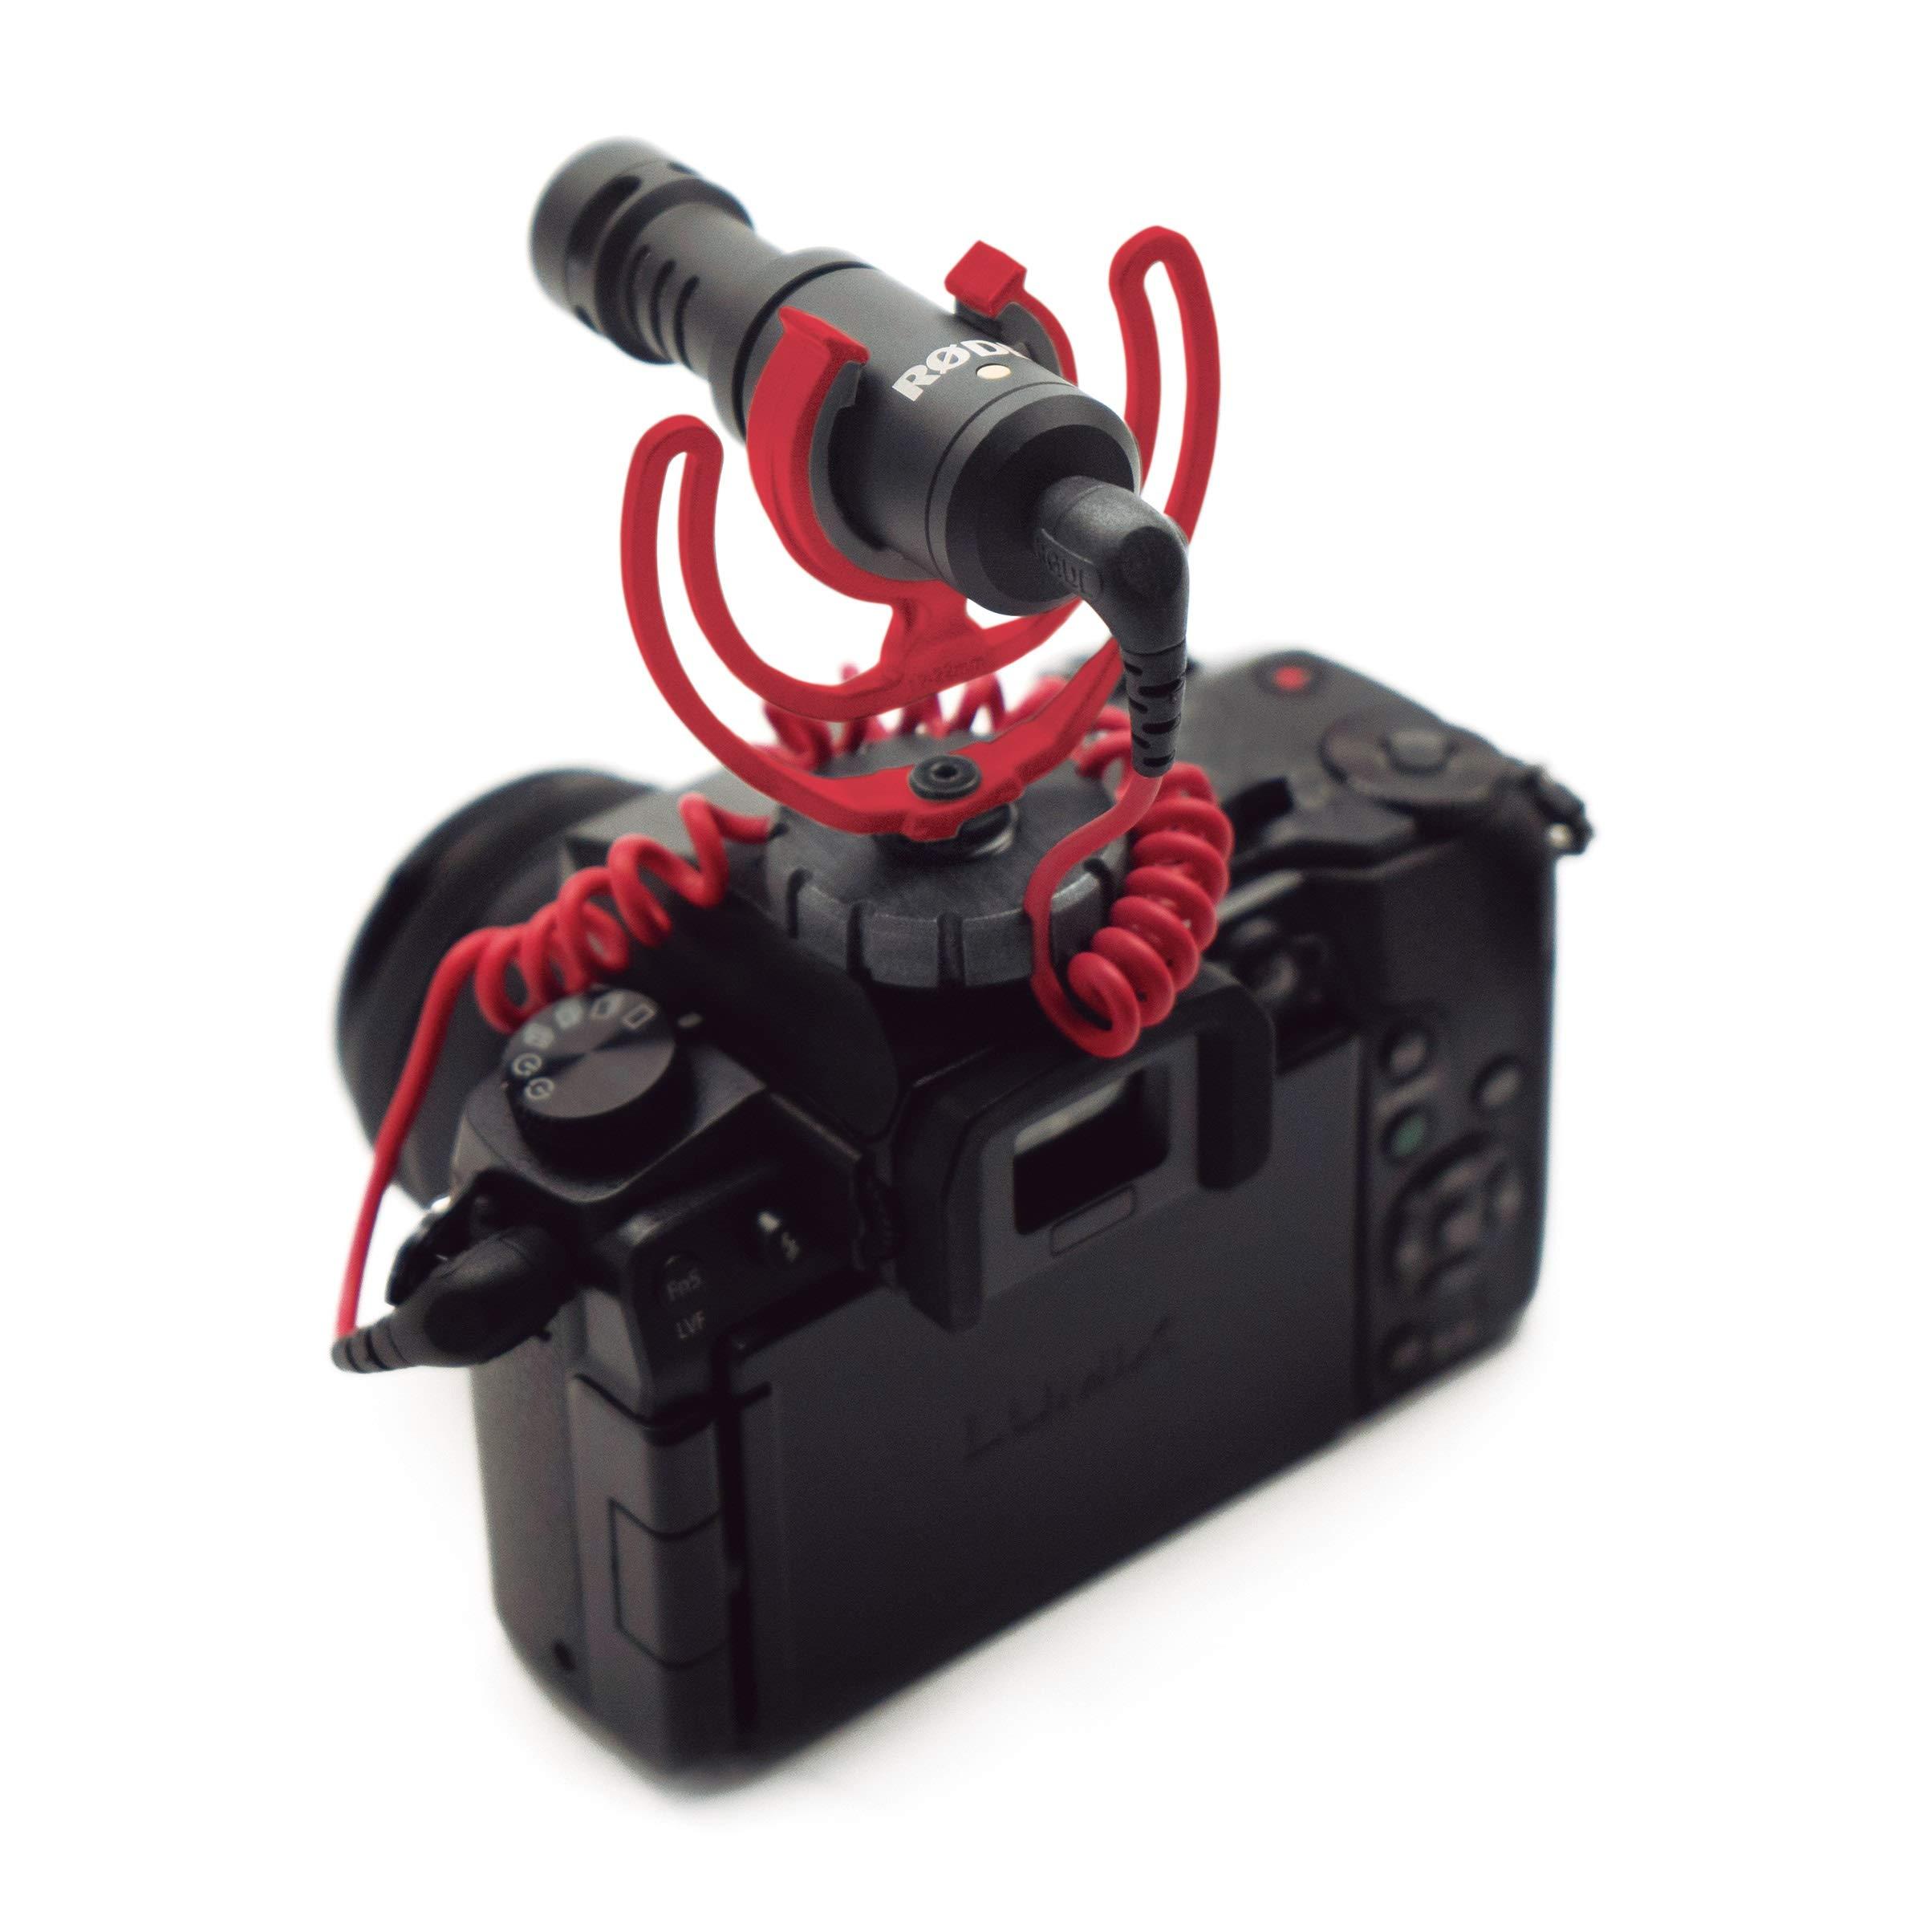 Rode Microphones VideoMicro - Micrófono para cámaras DSLR, surtido: colores aleatorios: Amazon.es: Instrumentos musicales